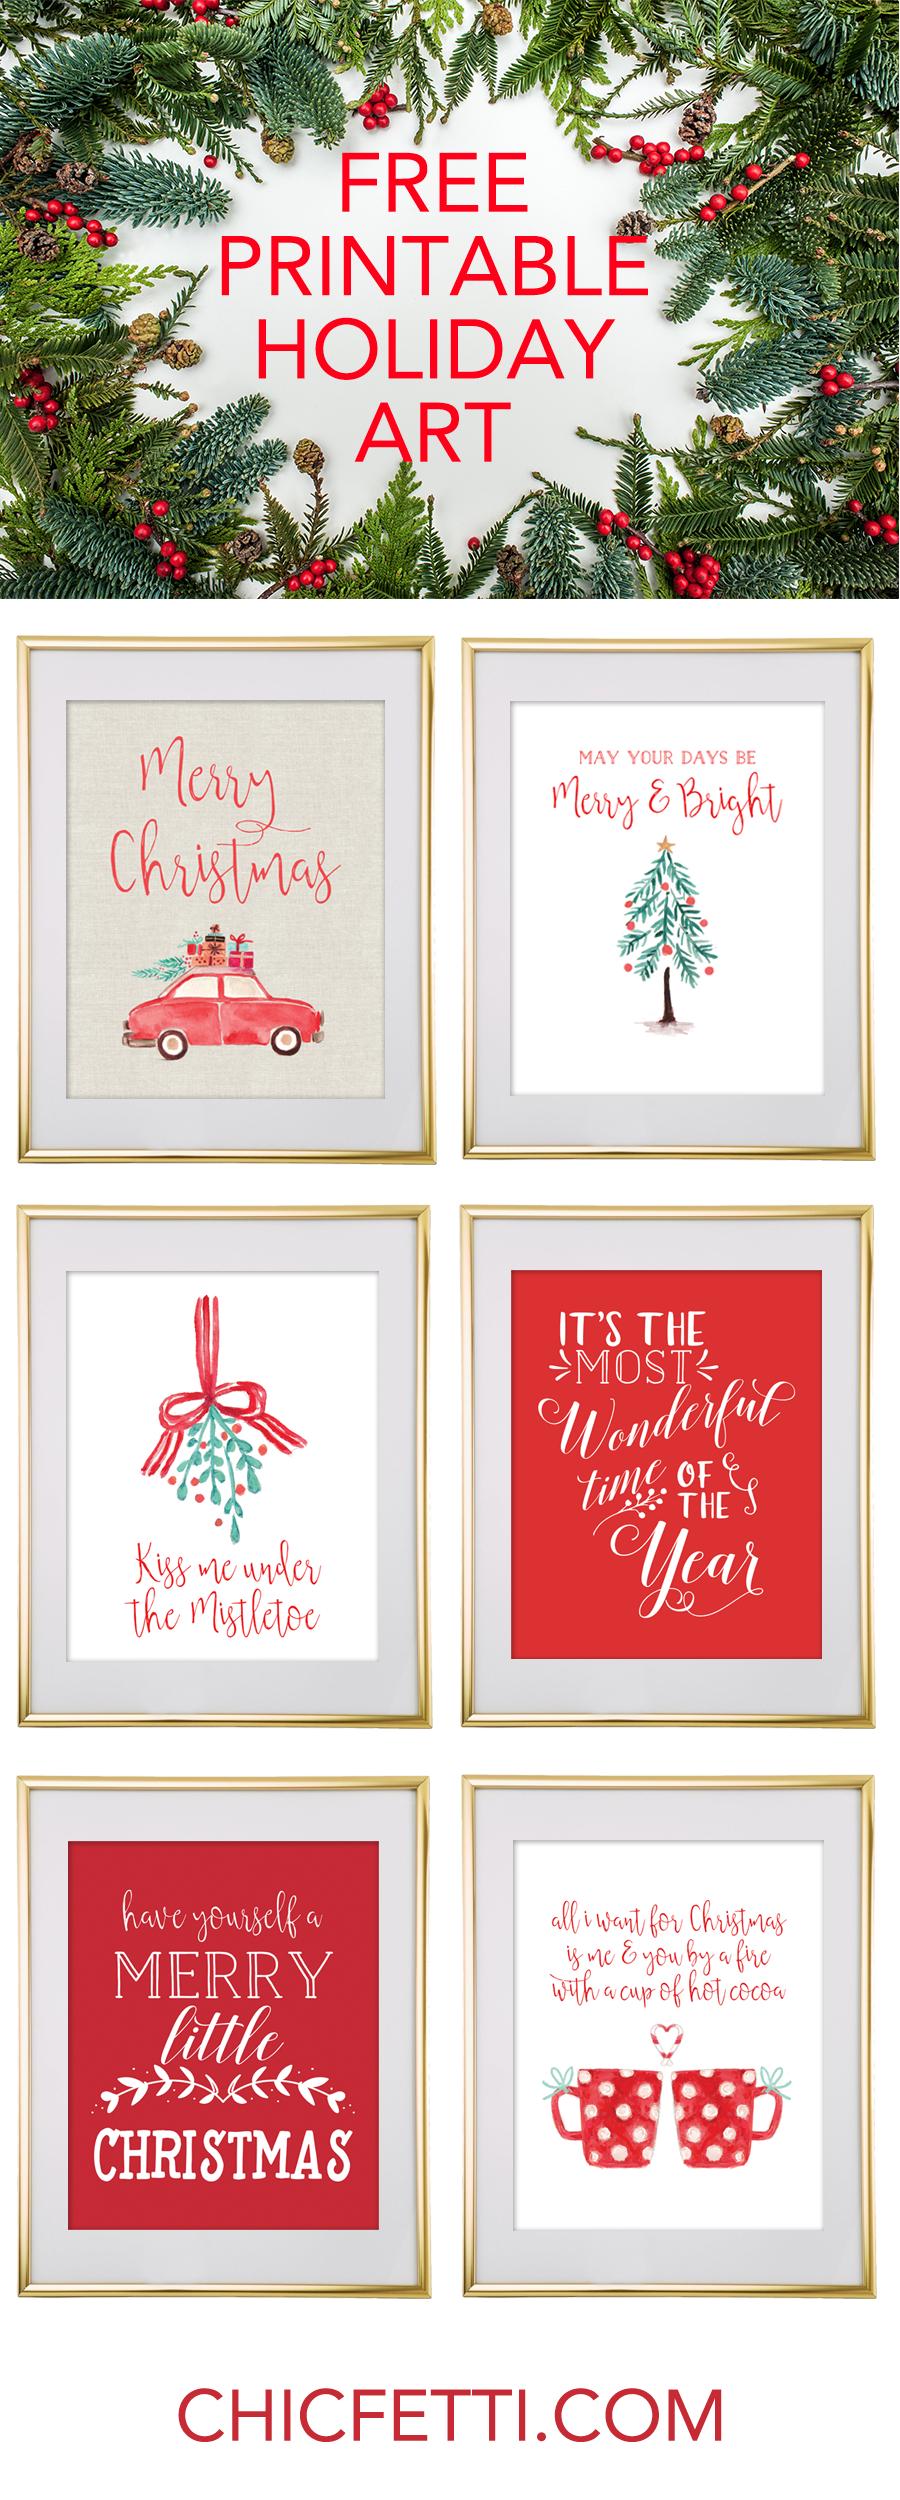 Christmas Free Printable Wall Art - Download Free Christmas Art - Free Holiday Printables